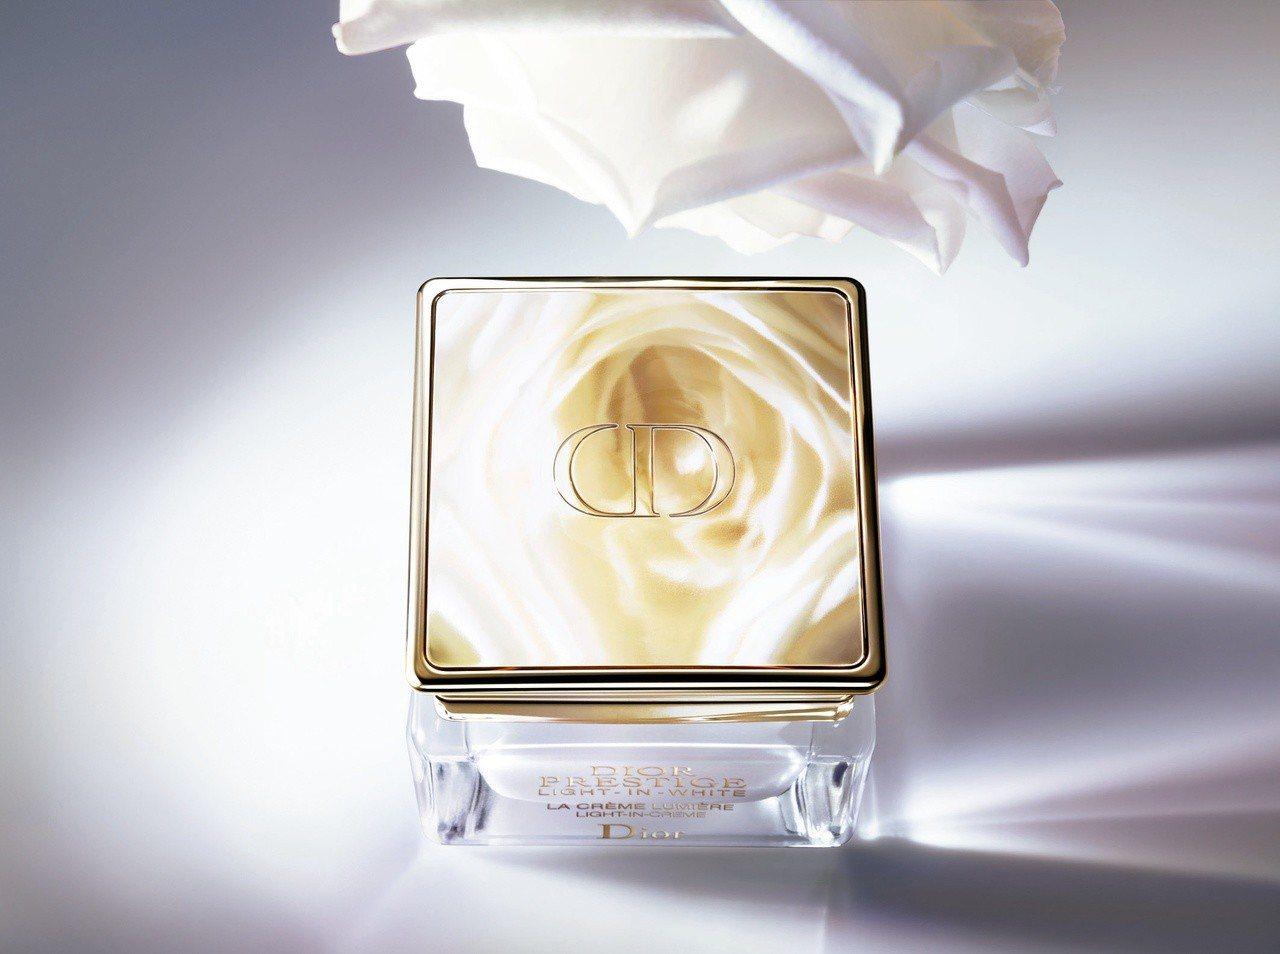 迪奧精萃再生光燦淨白乳霜50ml售價12,800元;填裝瓶售價11,500元。圖...